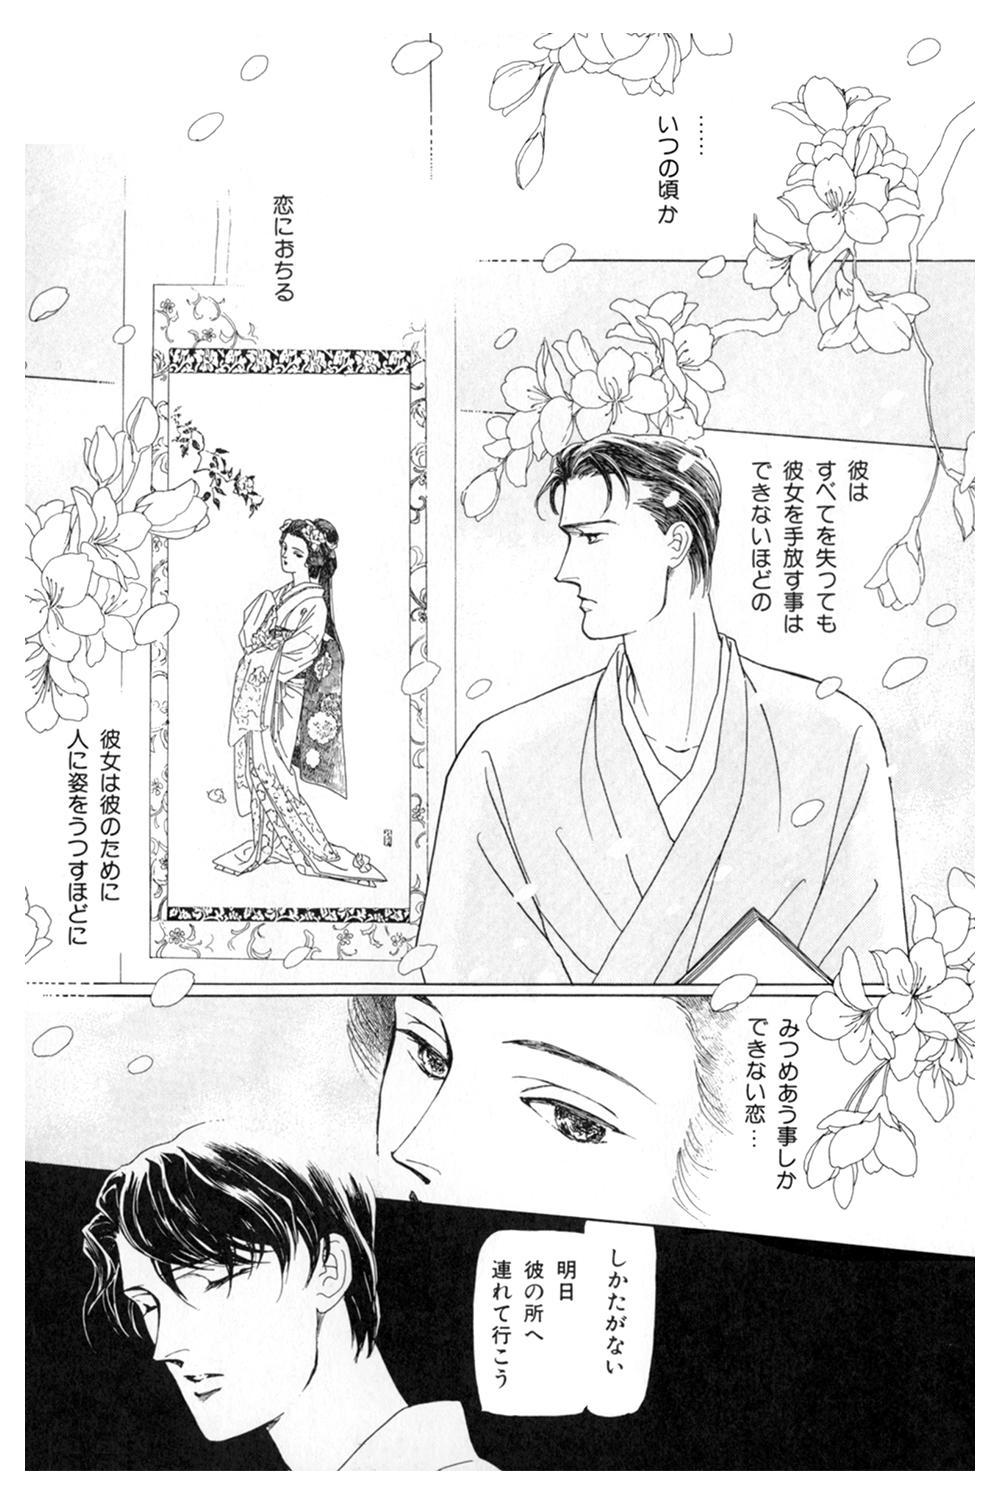 雨柳堂夢咄 第1話「花椿の恋」①uryu13.jpg